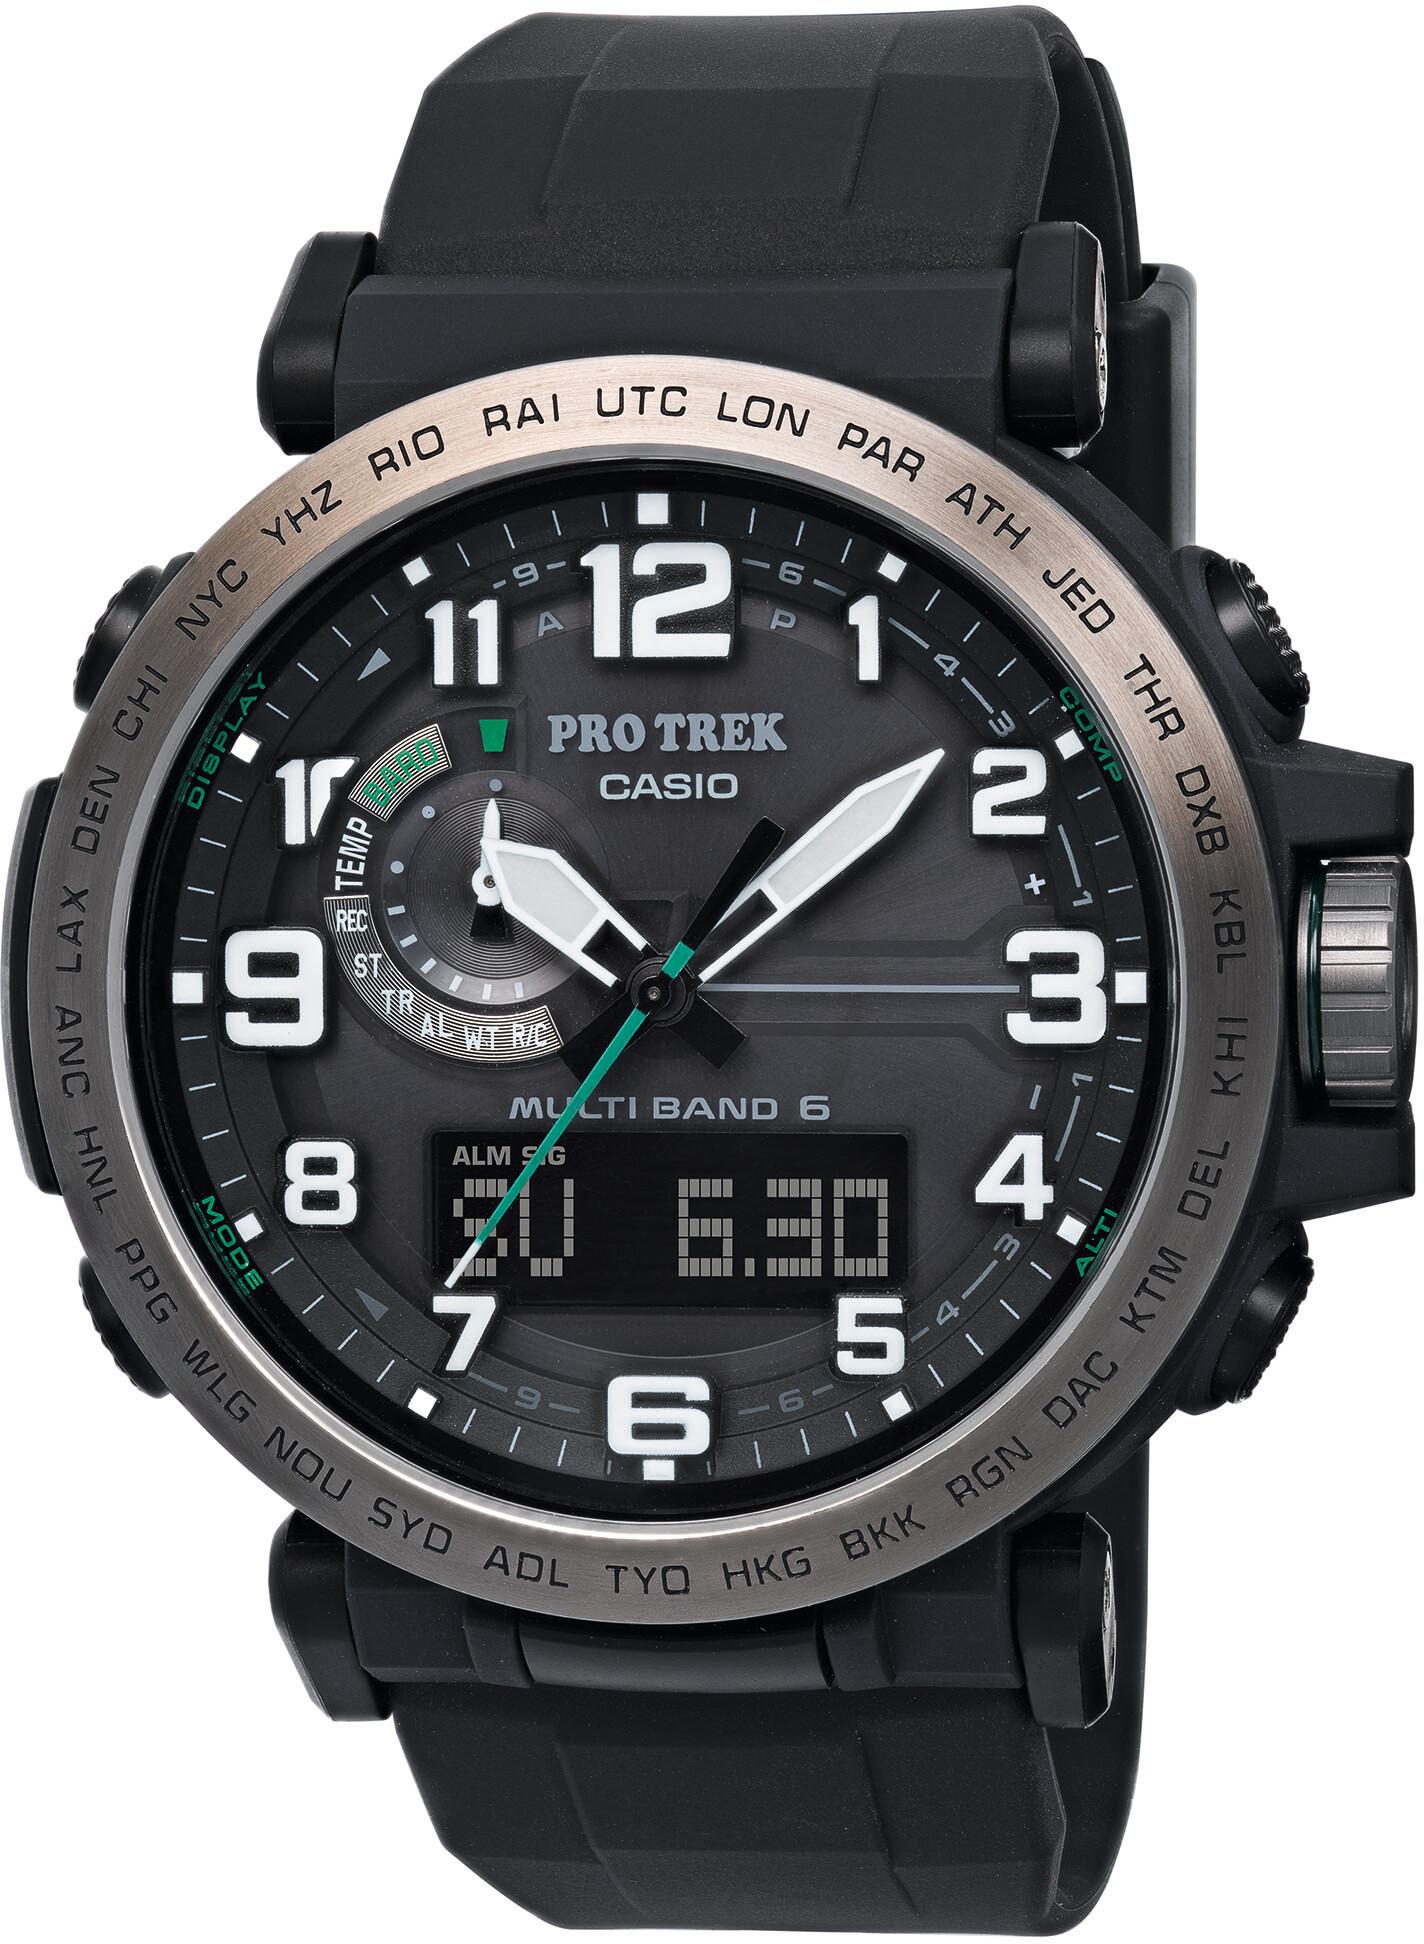 CASIO PRO TREK PRW-6600Y-1ER Watch Men, black/silver /black   Sports watches